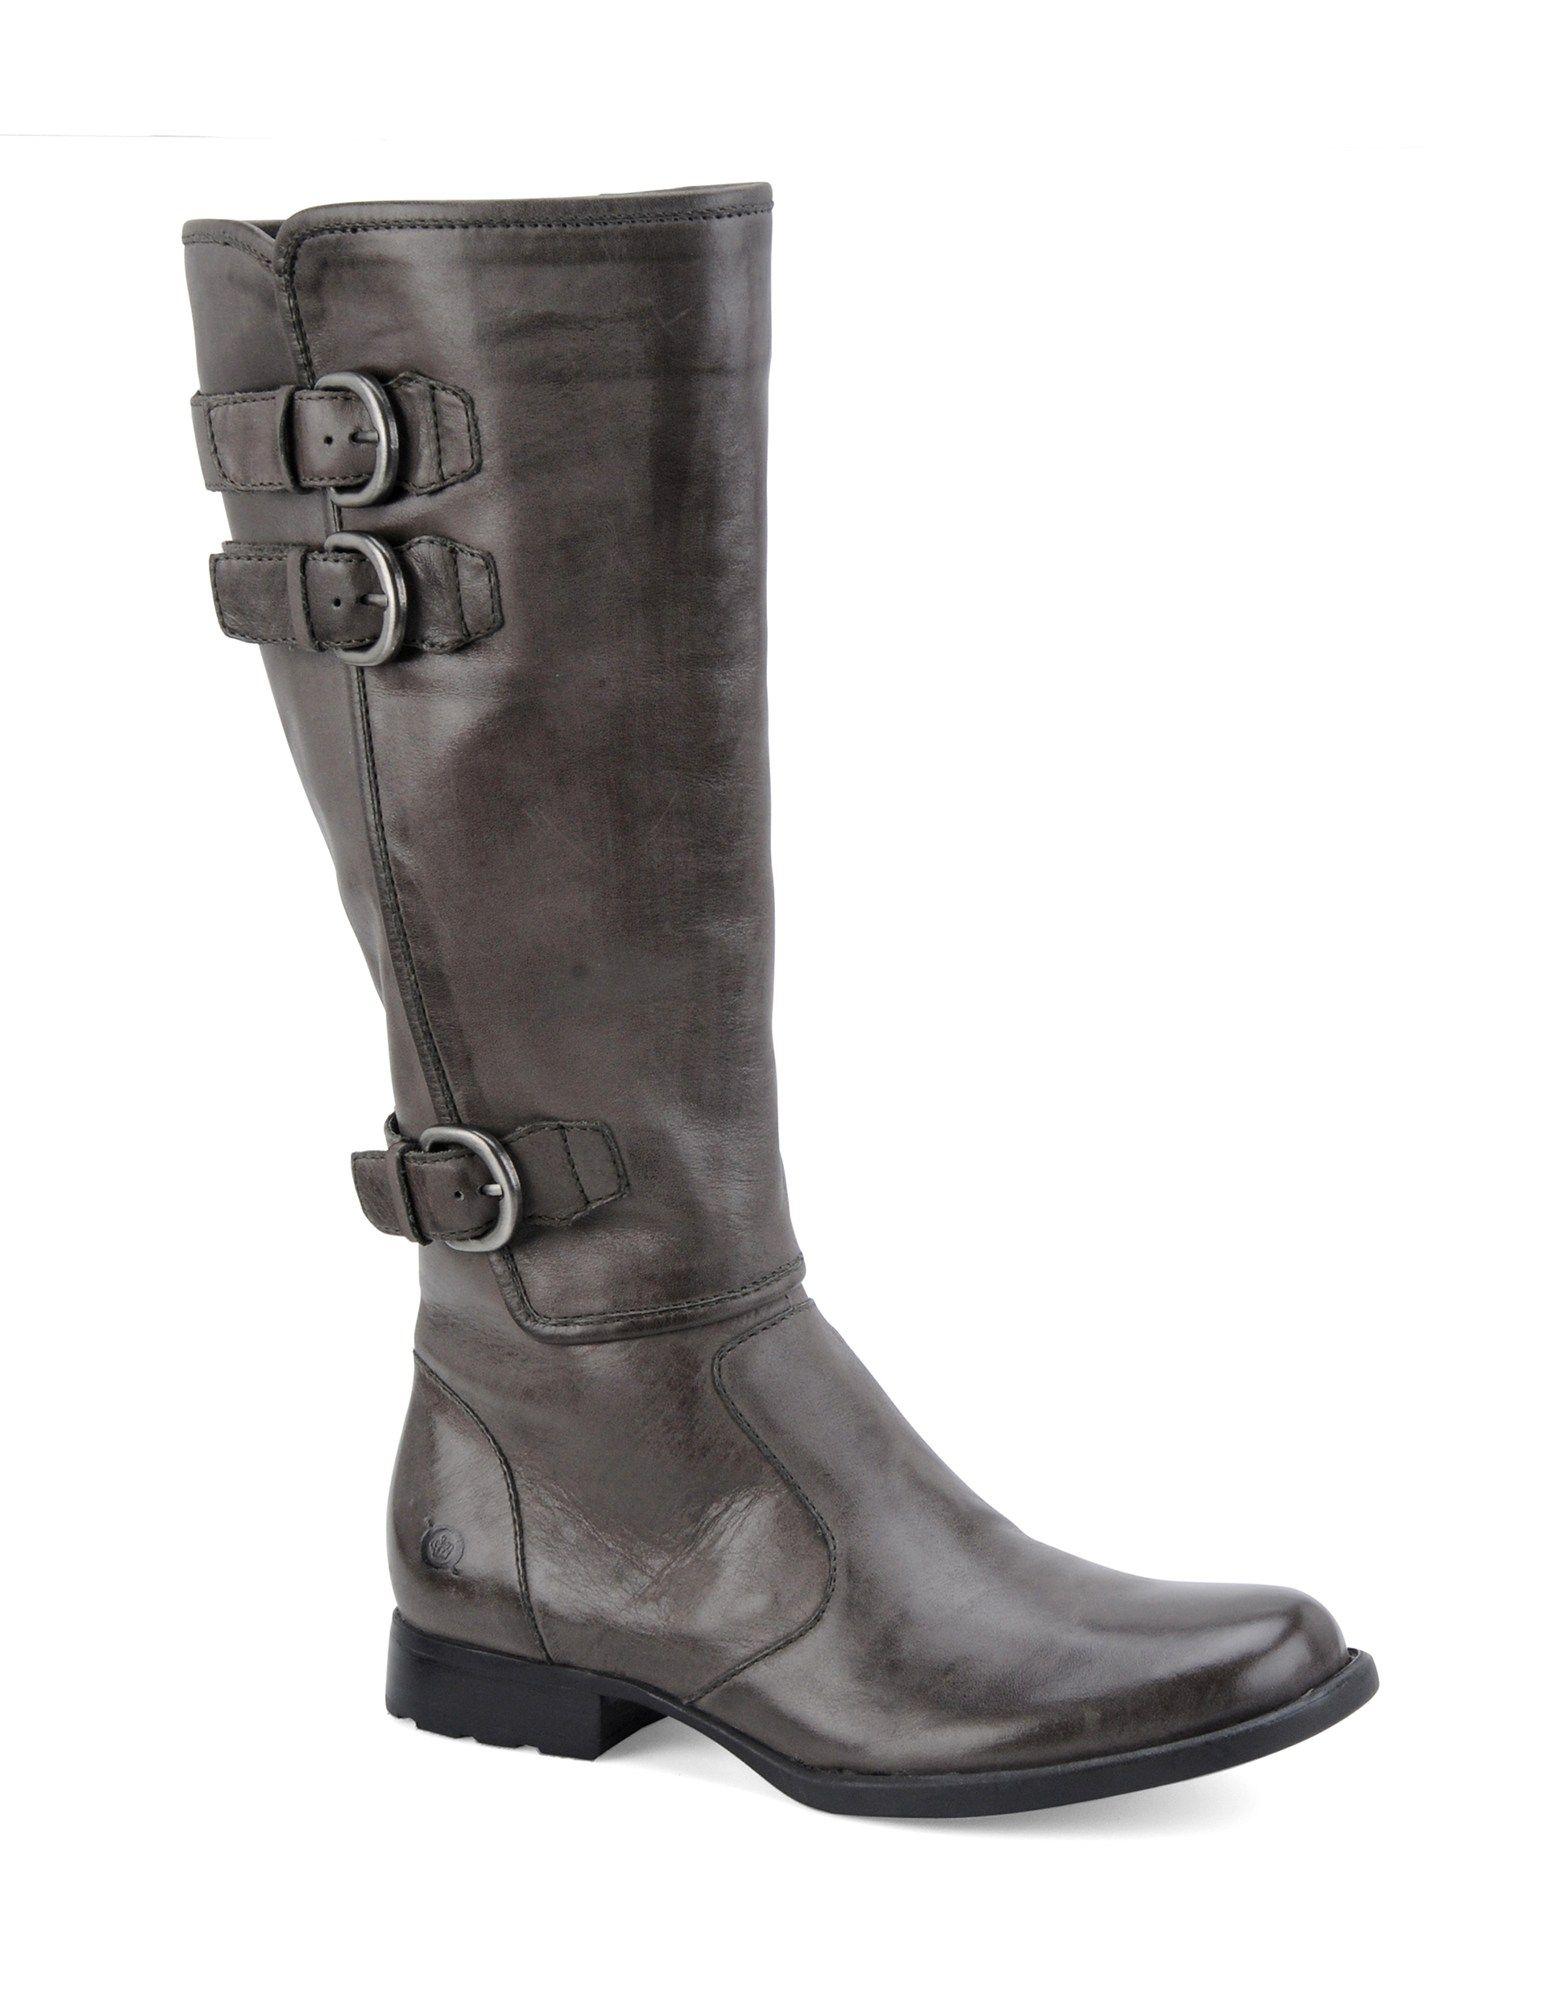 91f1b9f860f8 Born Attila Tall Boots - Women s - Free Shipping at REI.com